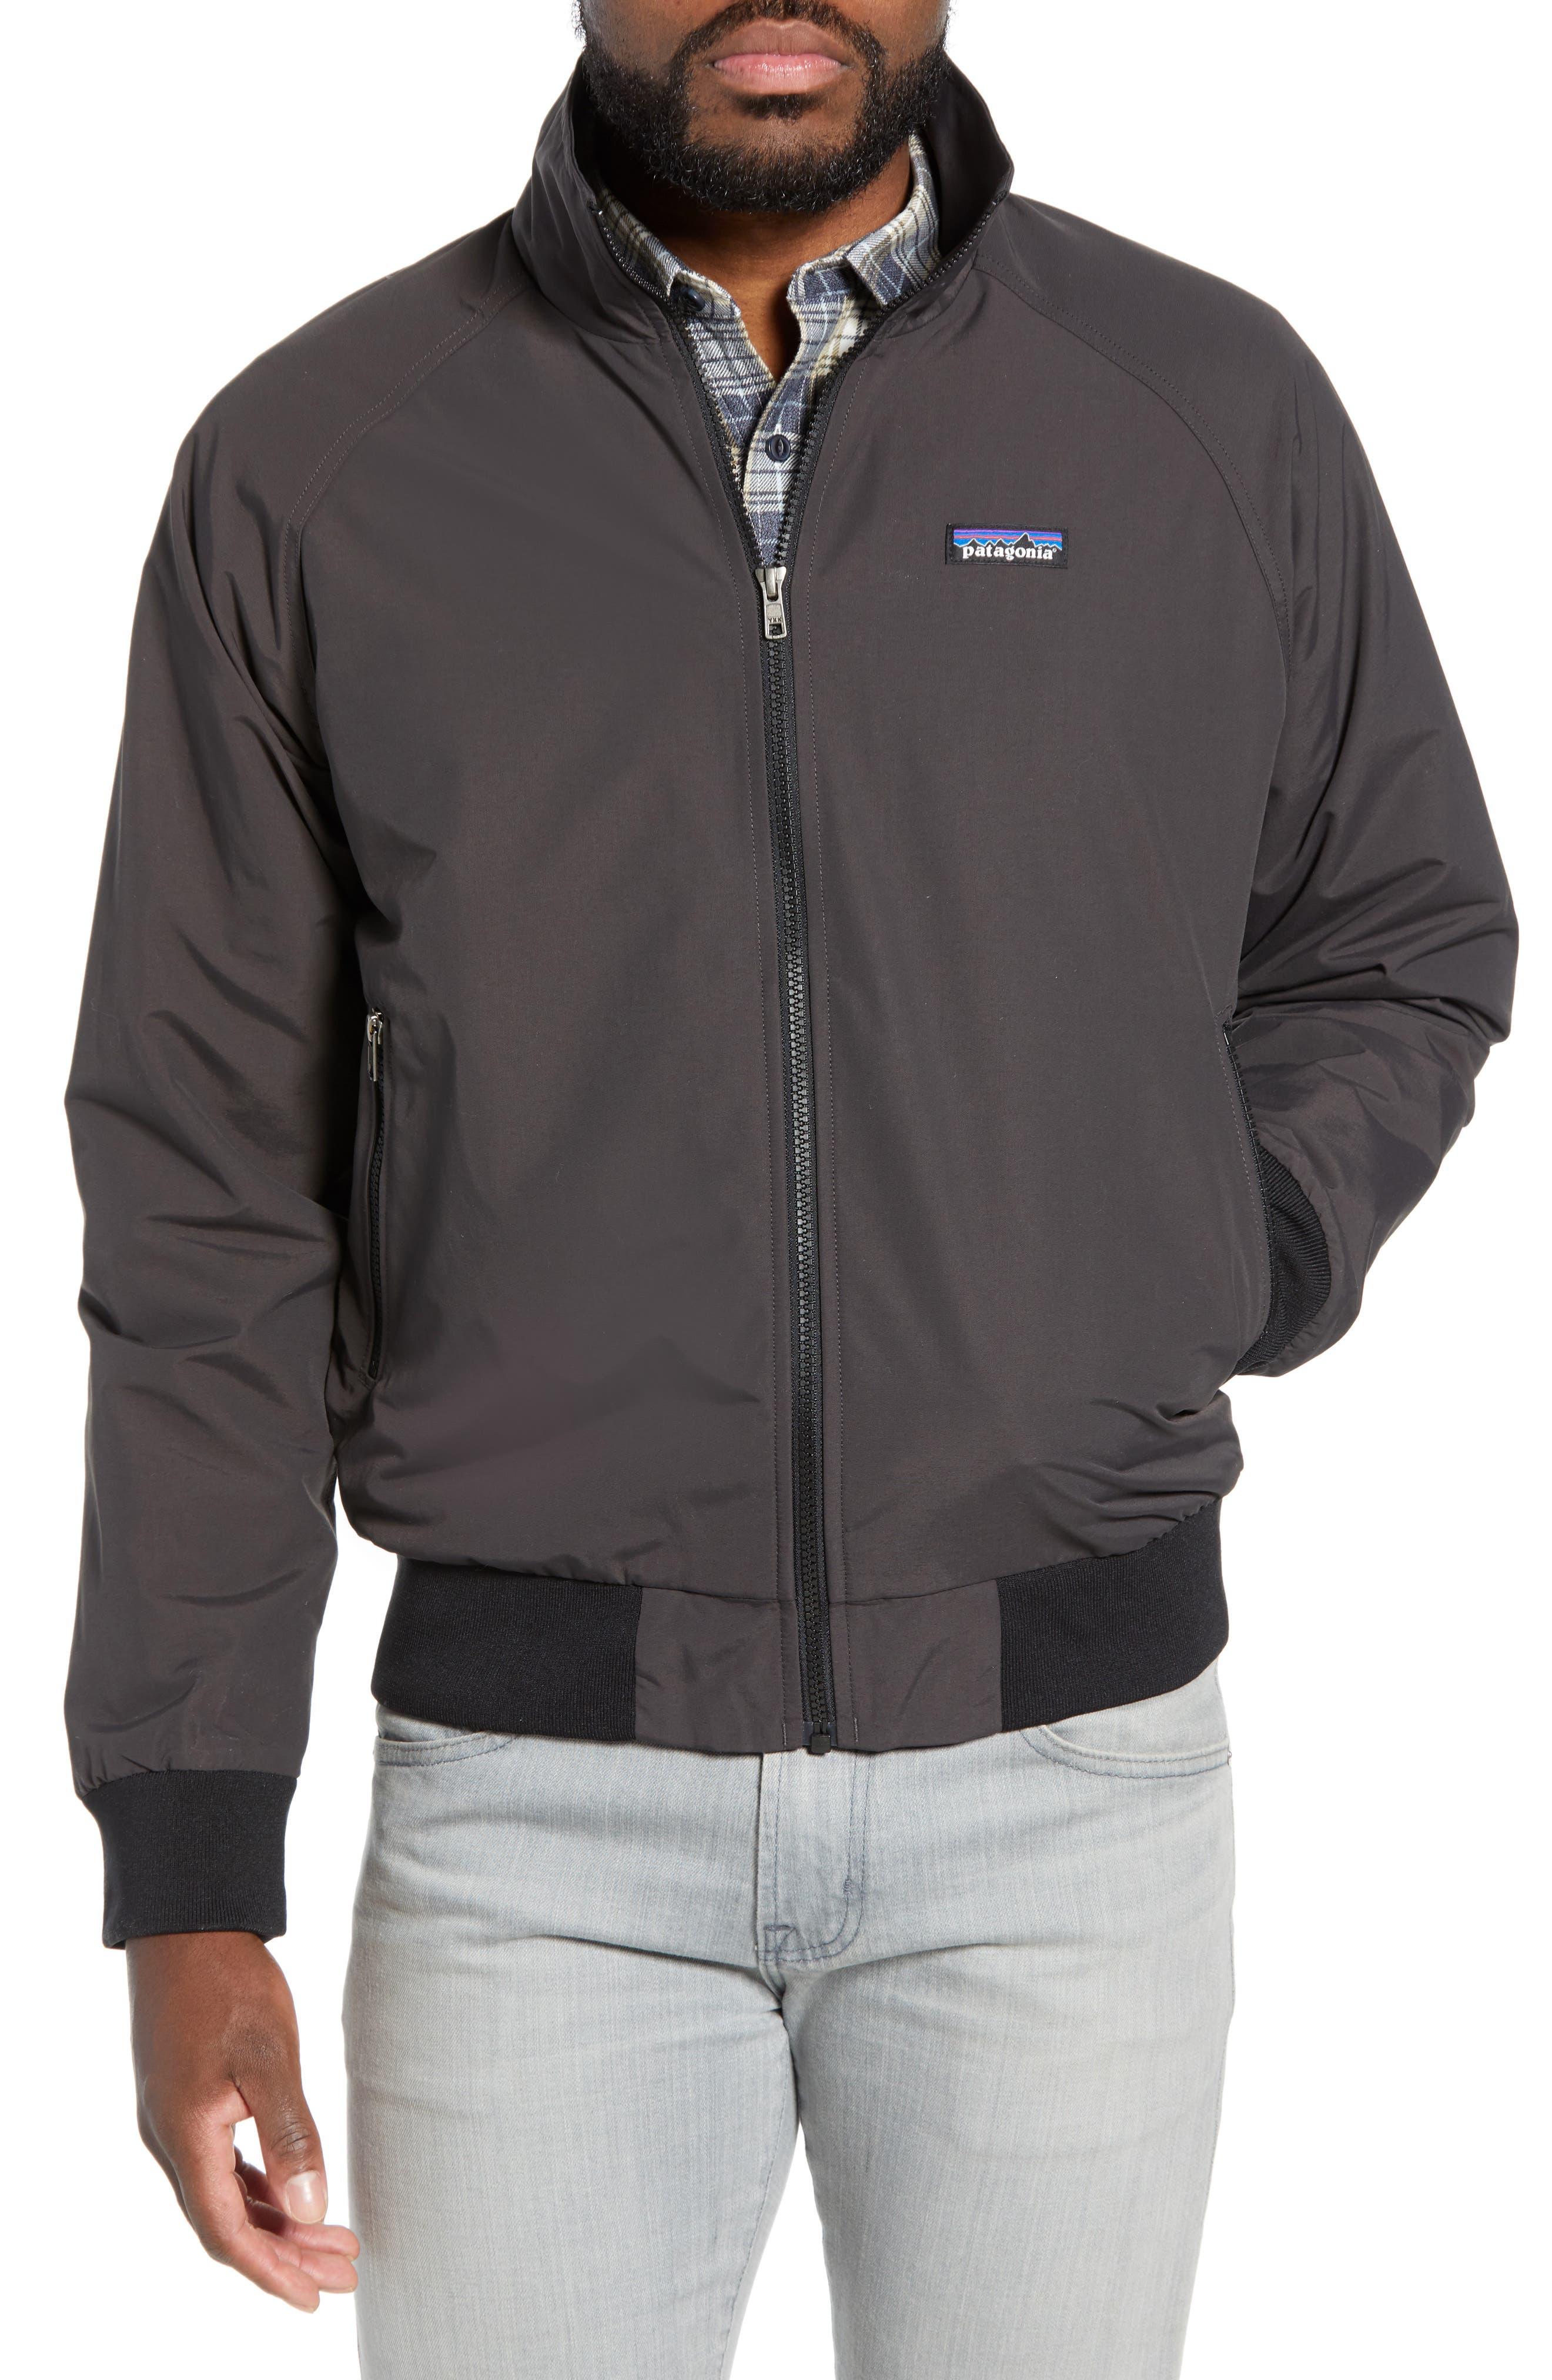 PATAGONIA Baggies Wind & Water Resistant Jacket, Main, color, INK BLACK